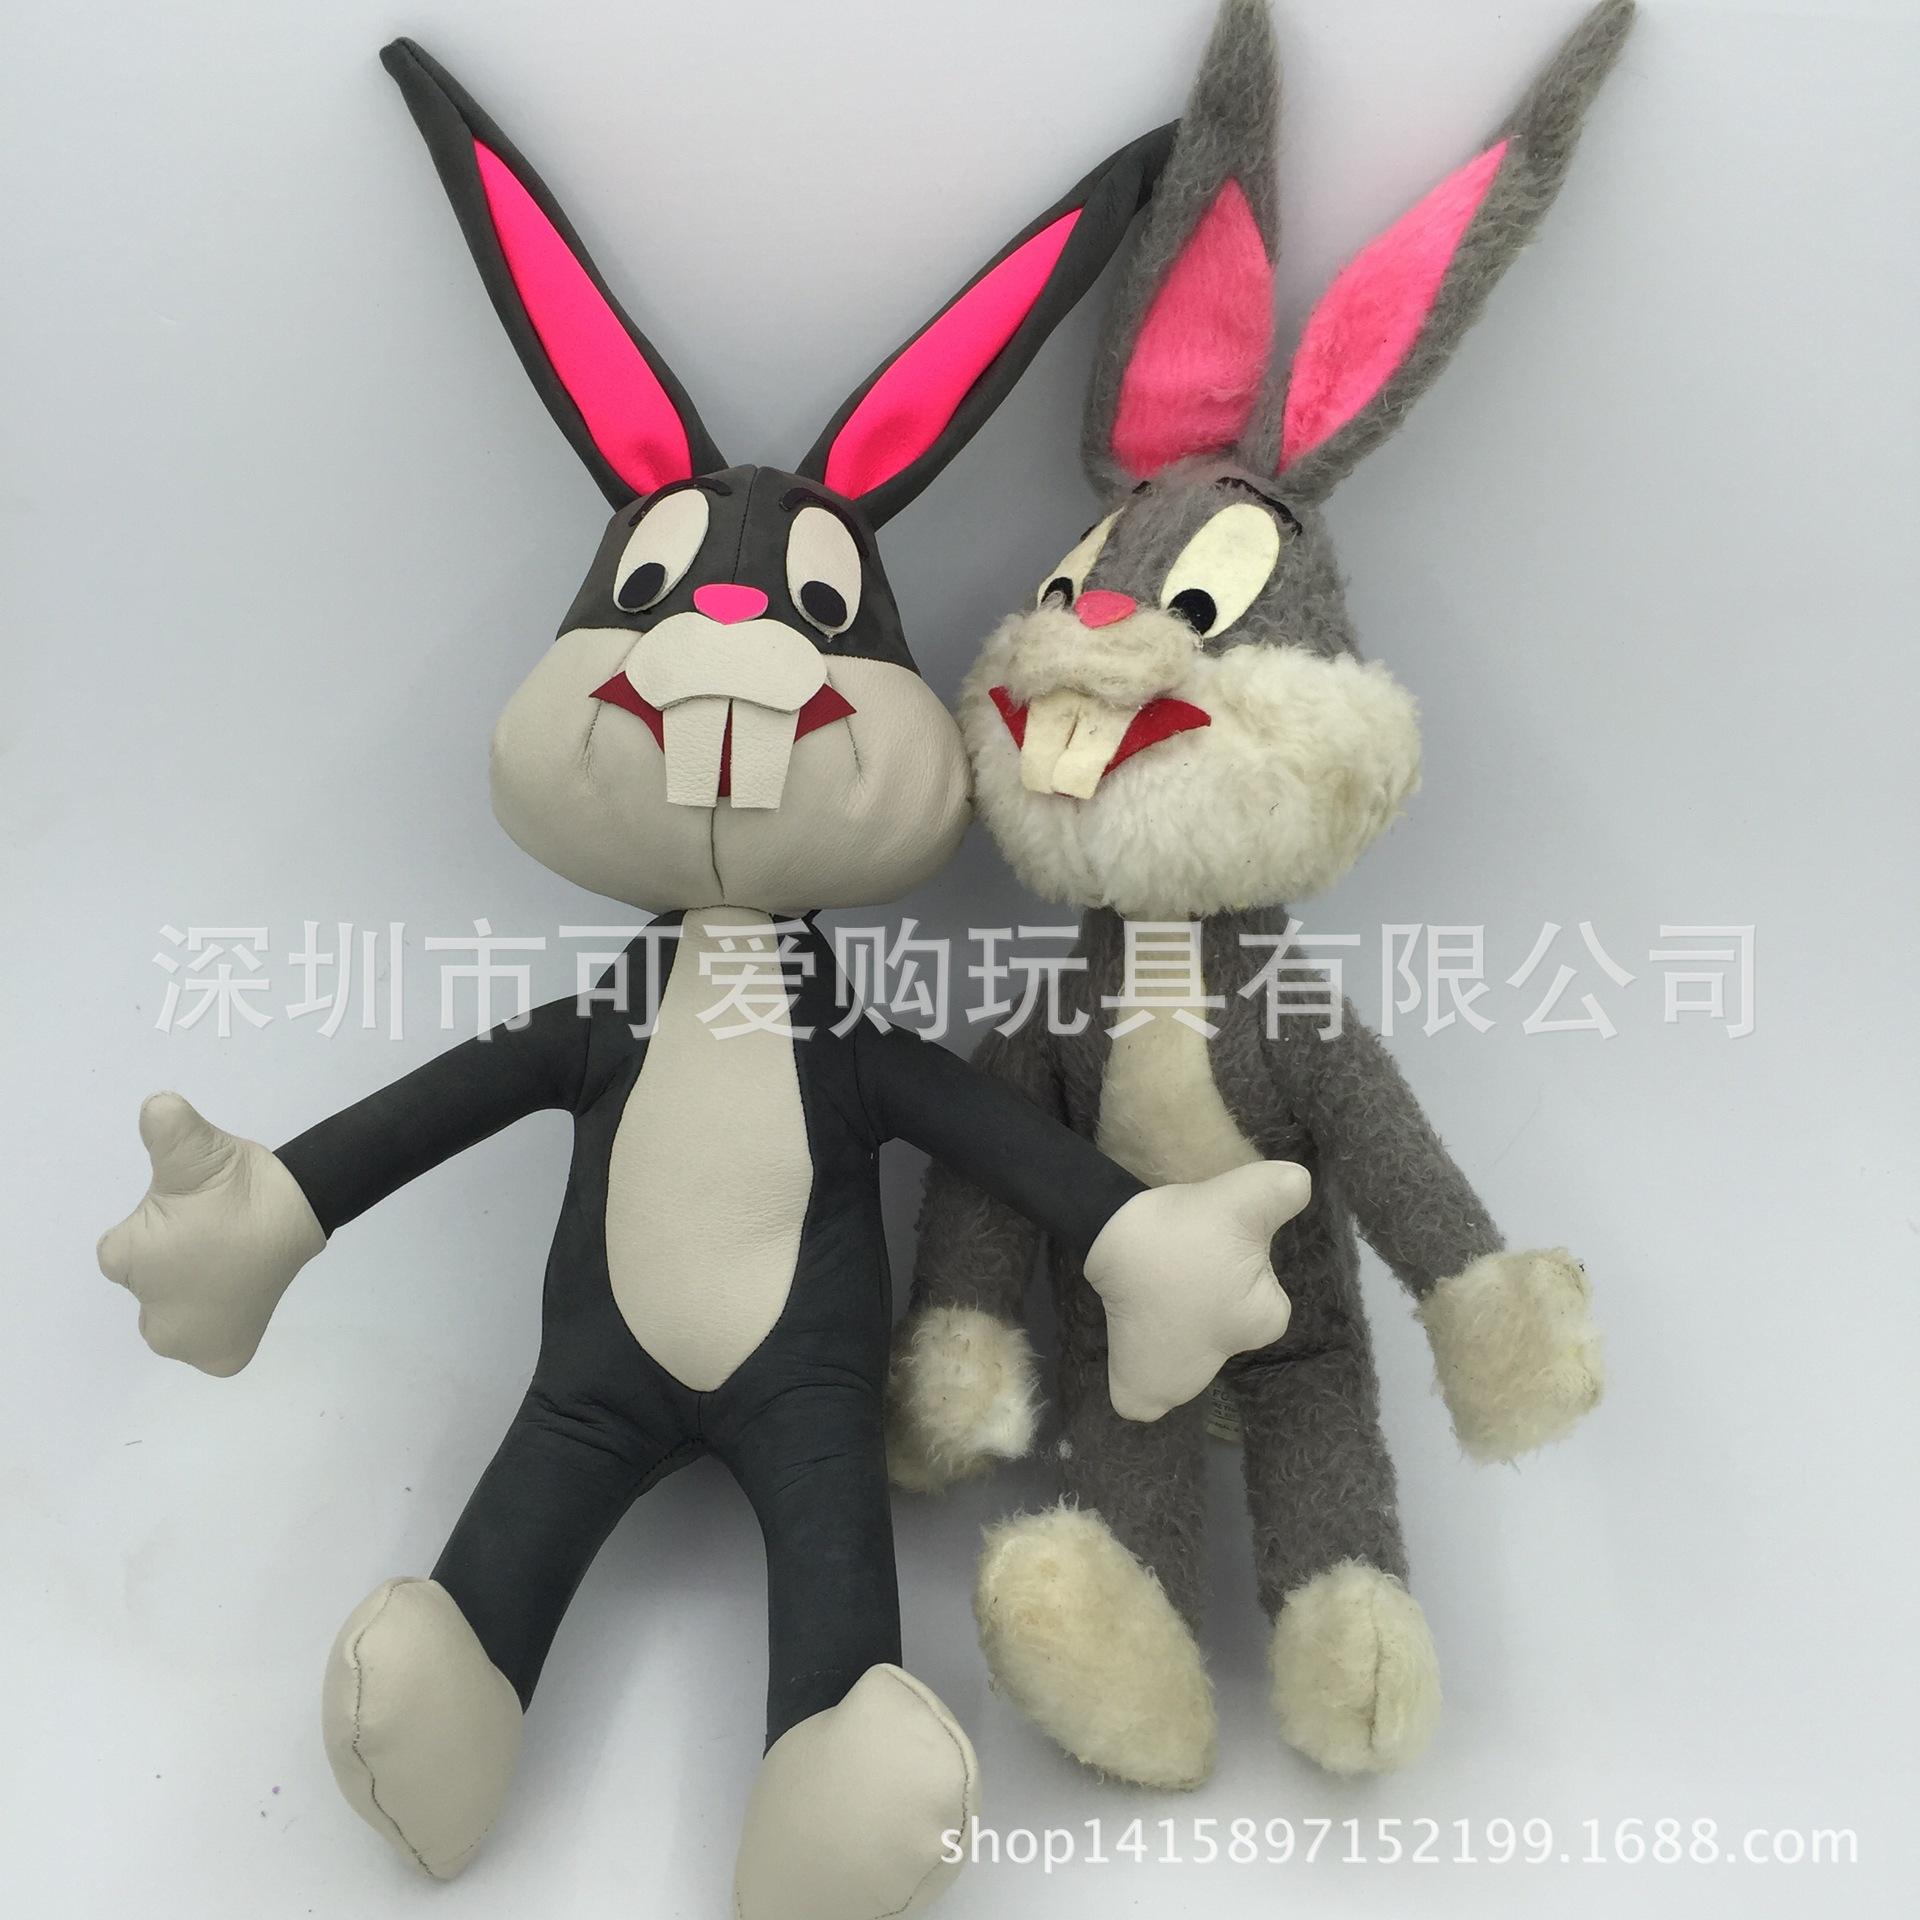 创意新款真皮兔毛玩具兔子 儿童动漫玩偶生肖兔子加LOGO厂家定制